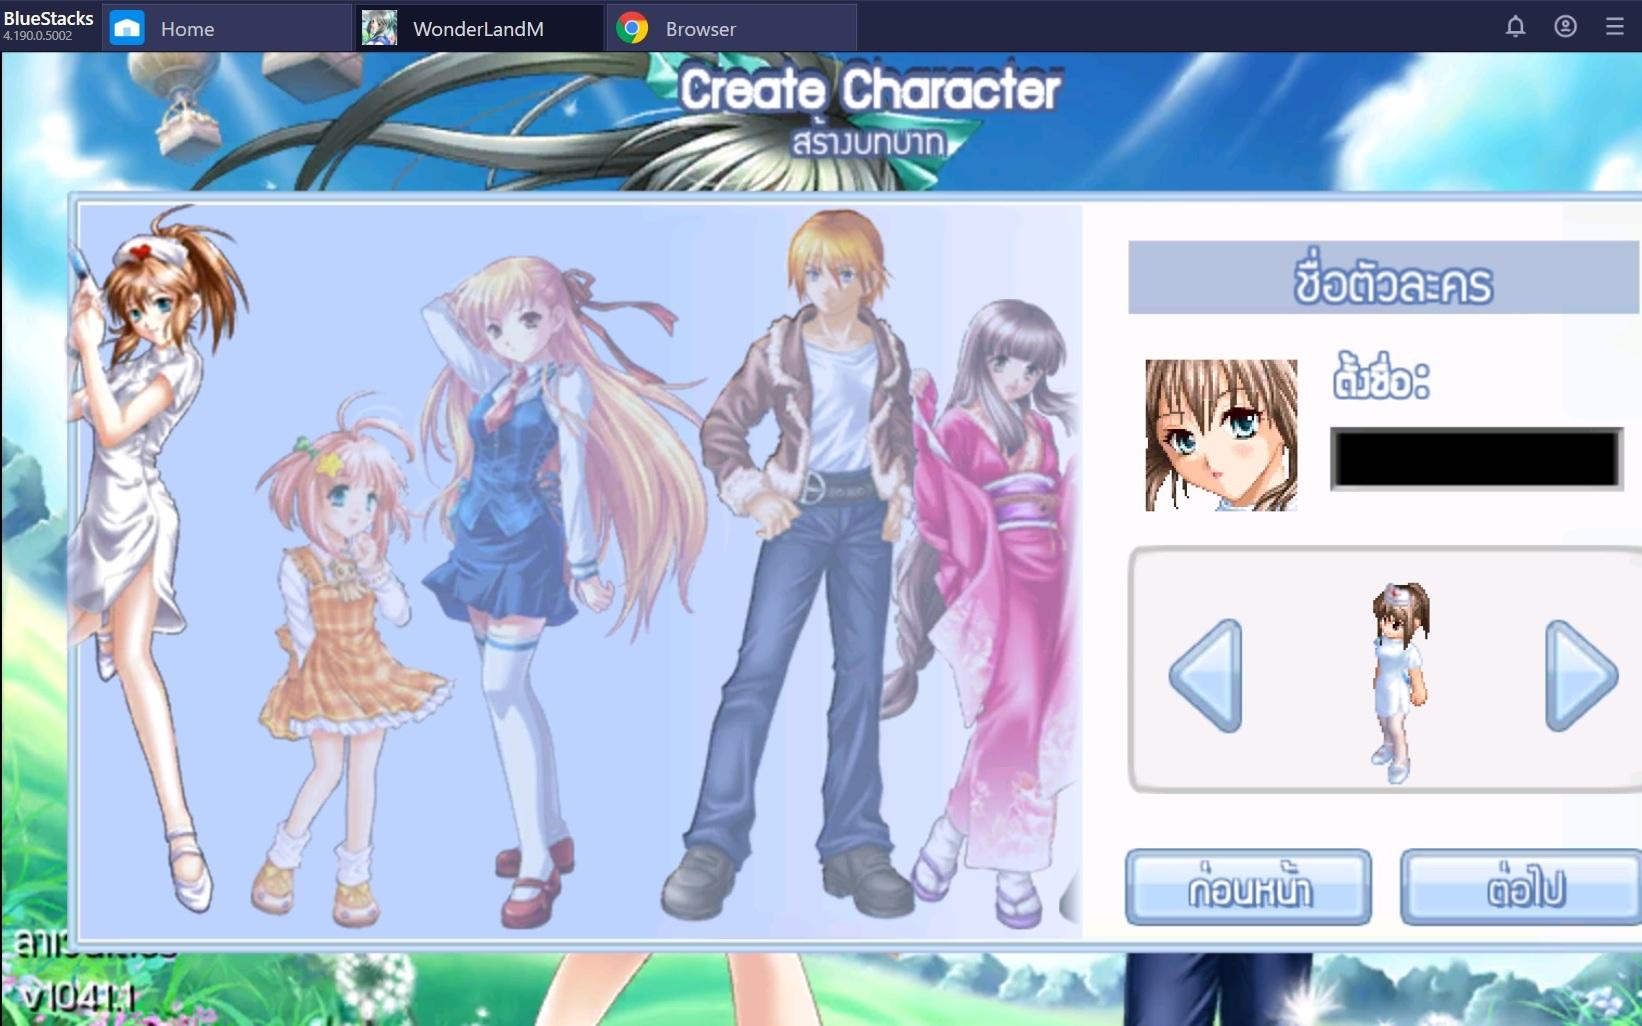 Wonderland Online Mobile ข้อมูลการสร้างตัวละครที่น่าสนใจ รู้ไว้เทพแน่นอน